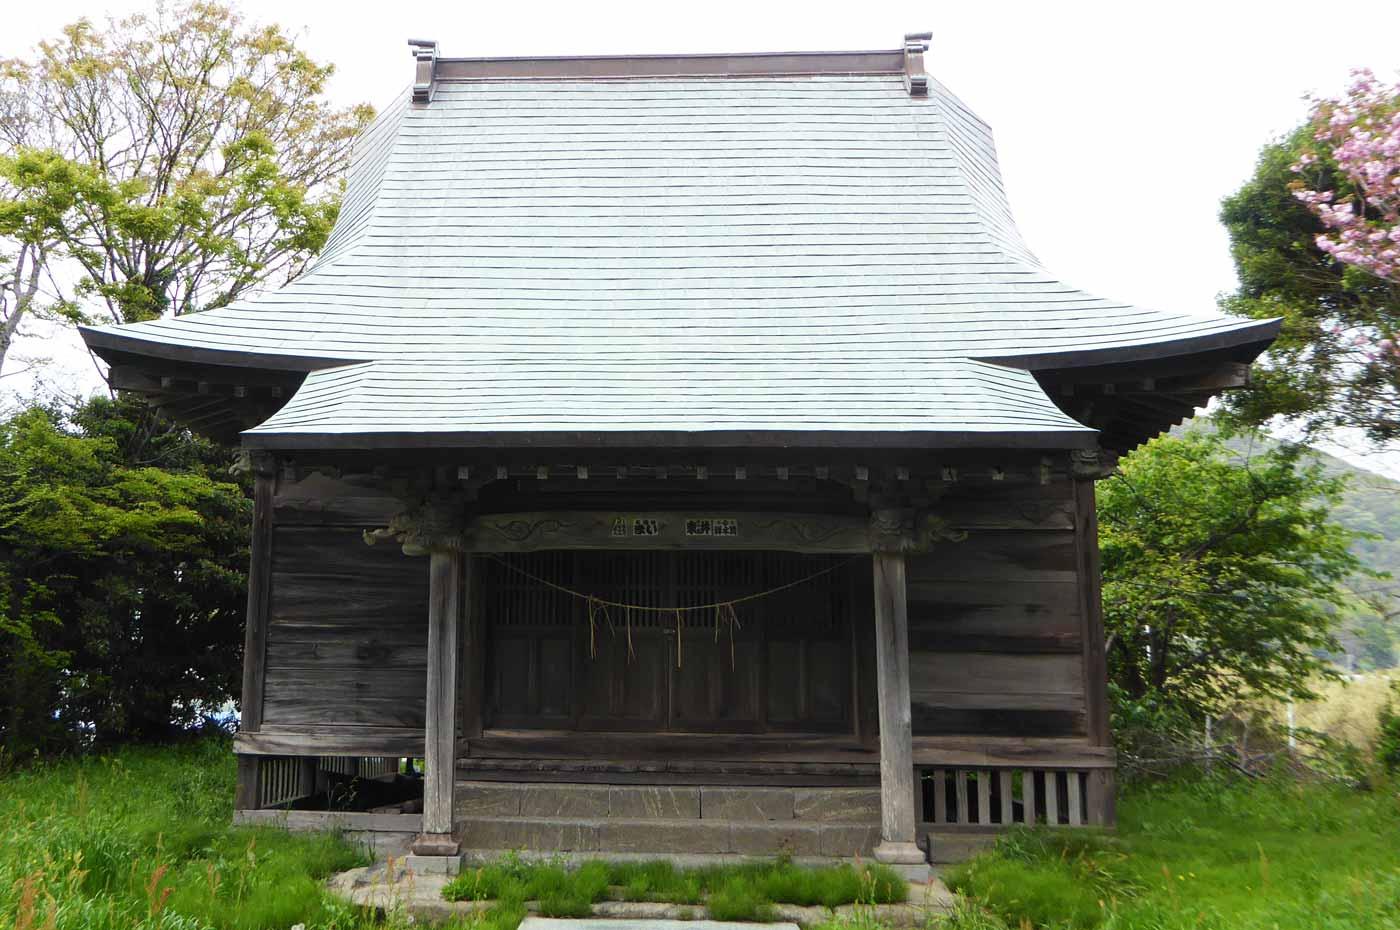 鶴ヶ浜八幡神社拝殿のアップ画像